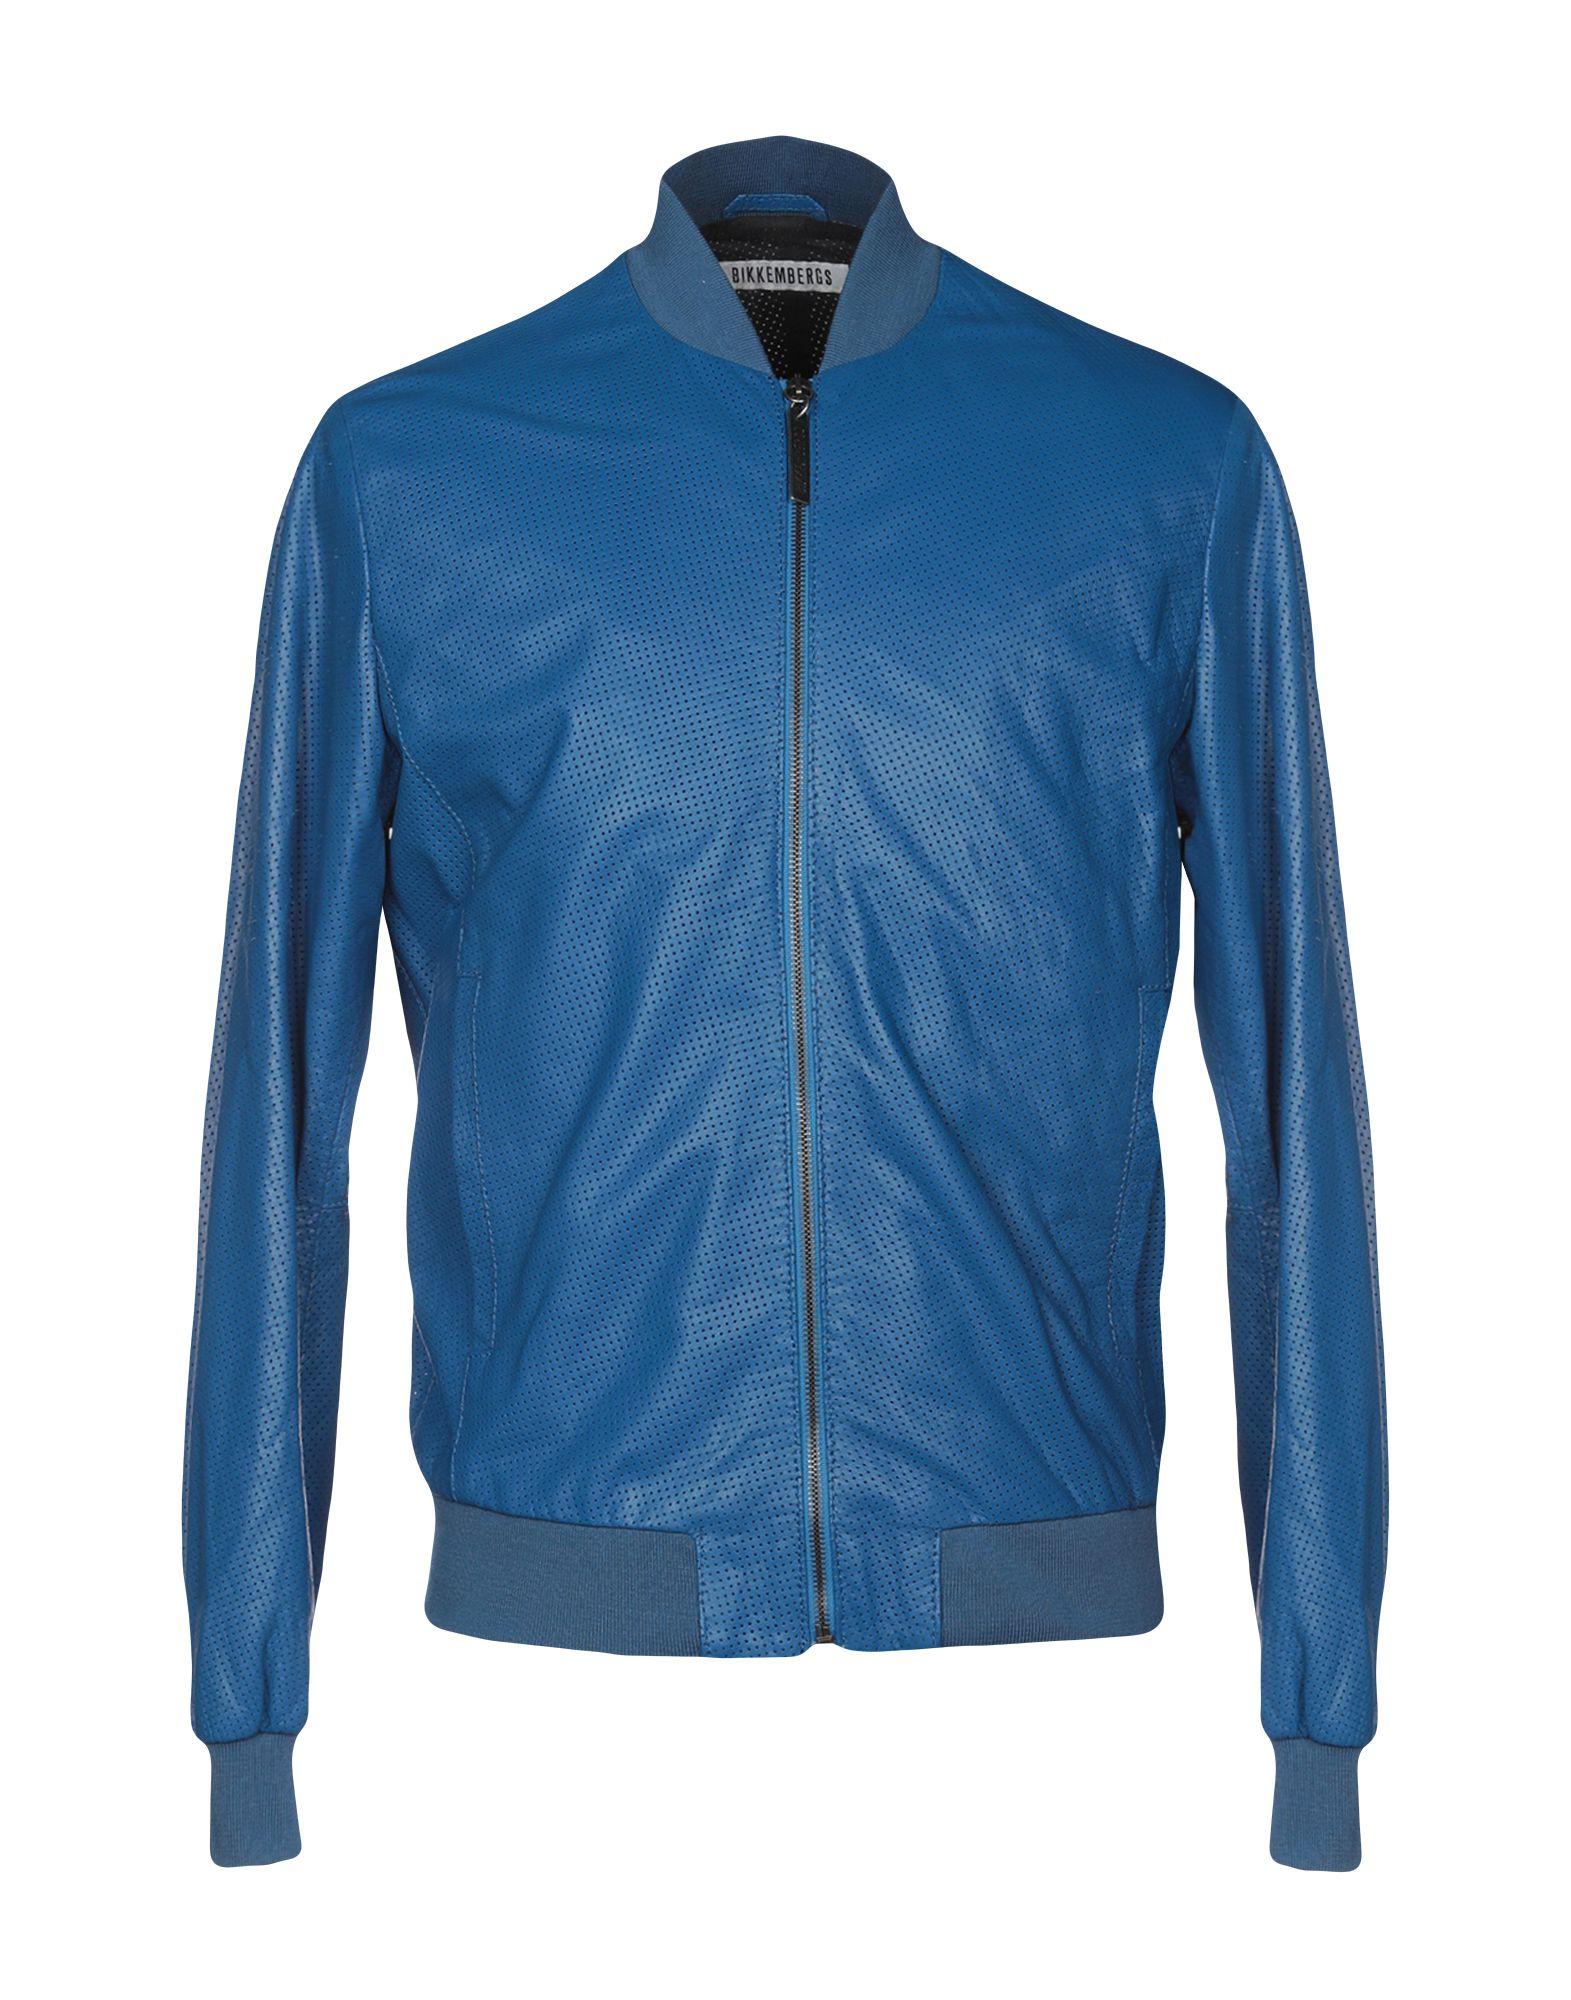 BIKKEMBERGS Jackets in Blue